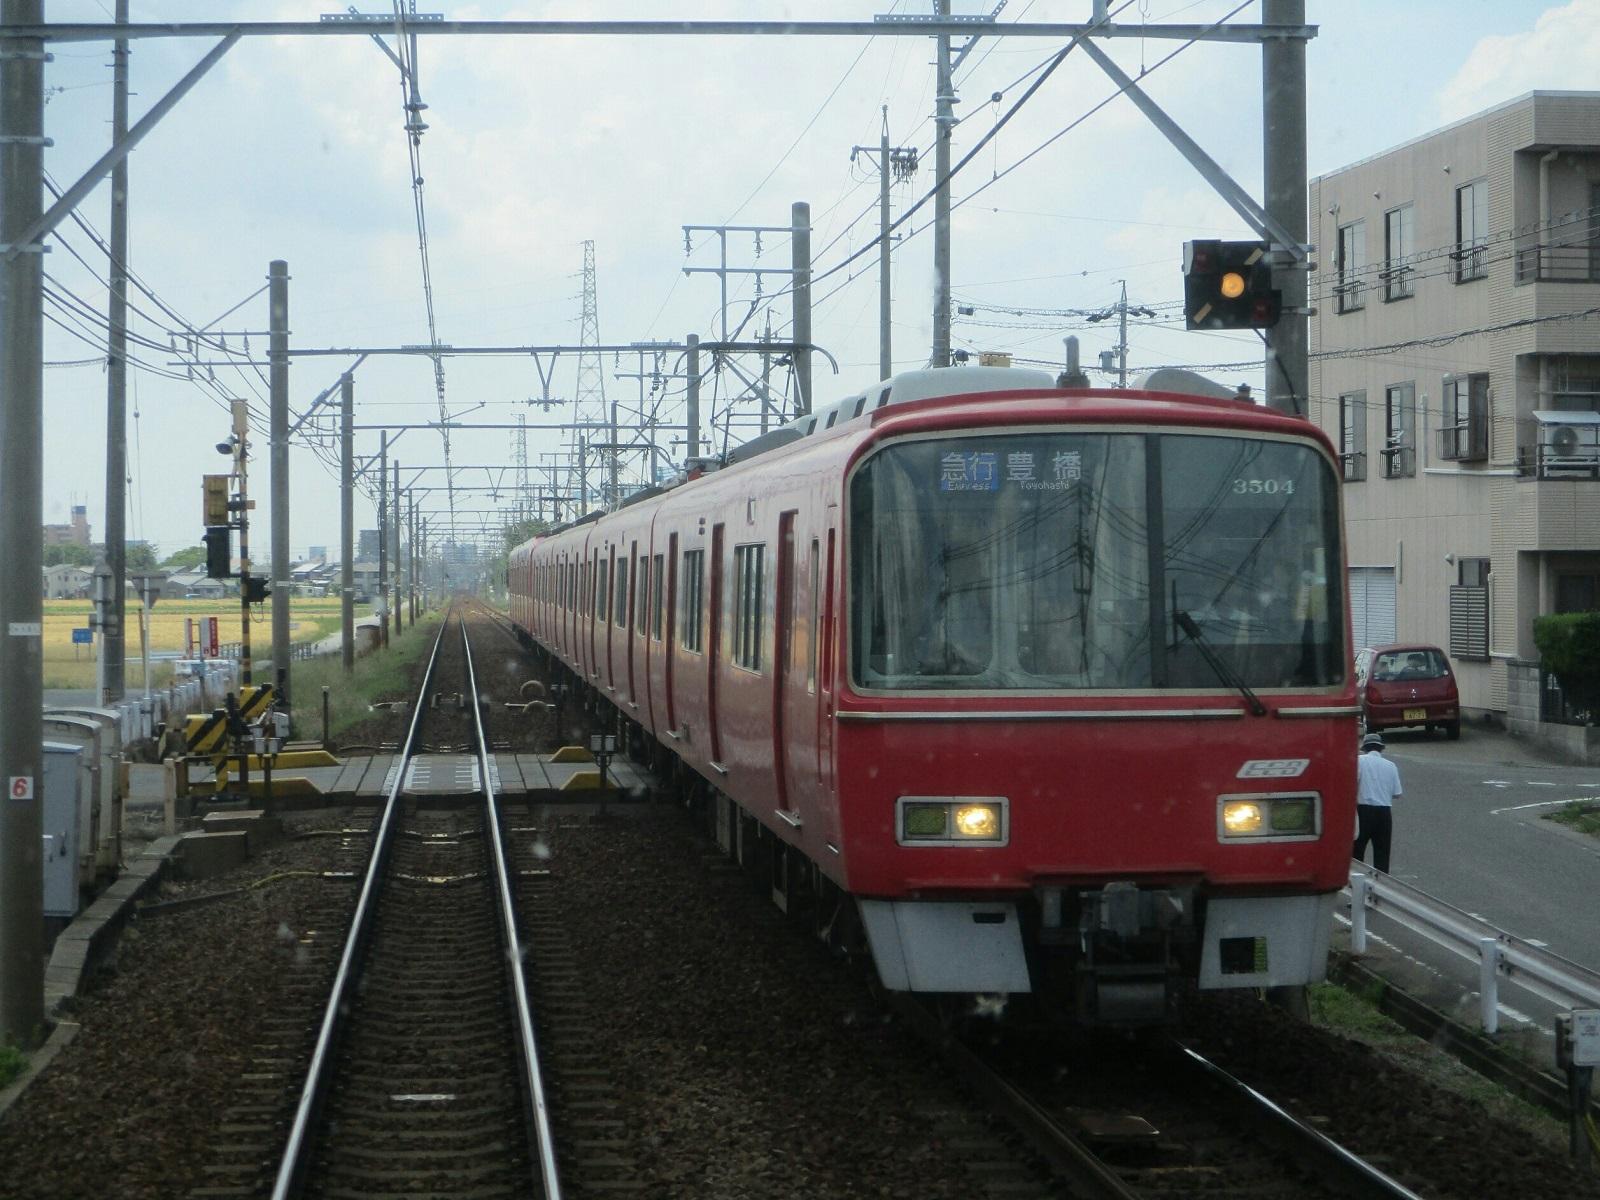 2019.6.5 (8) 岐阜いき特急 - しんあんじょうすぎ(豊橋いき急行) 1600-1200